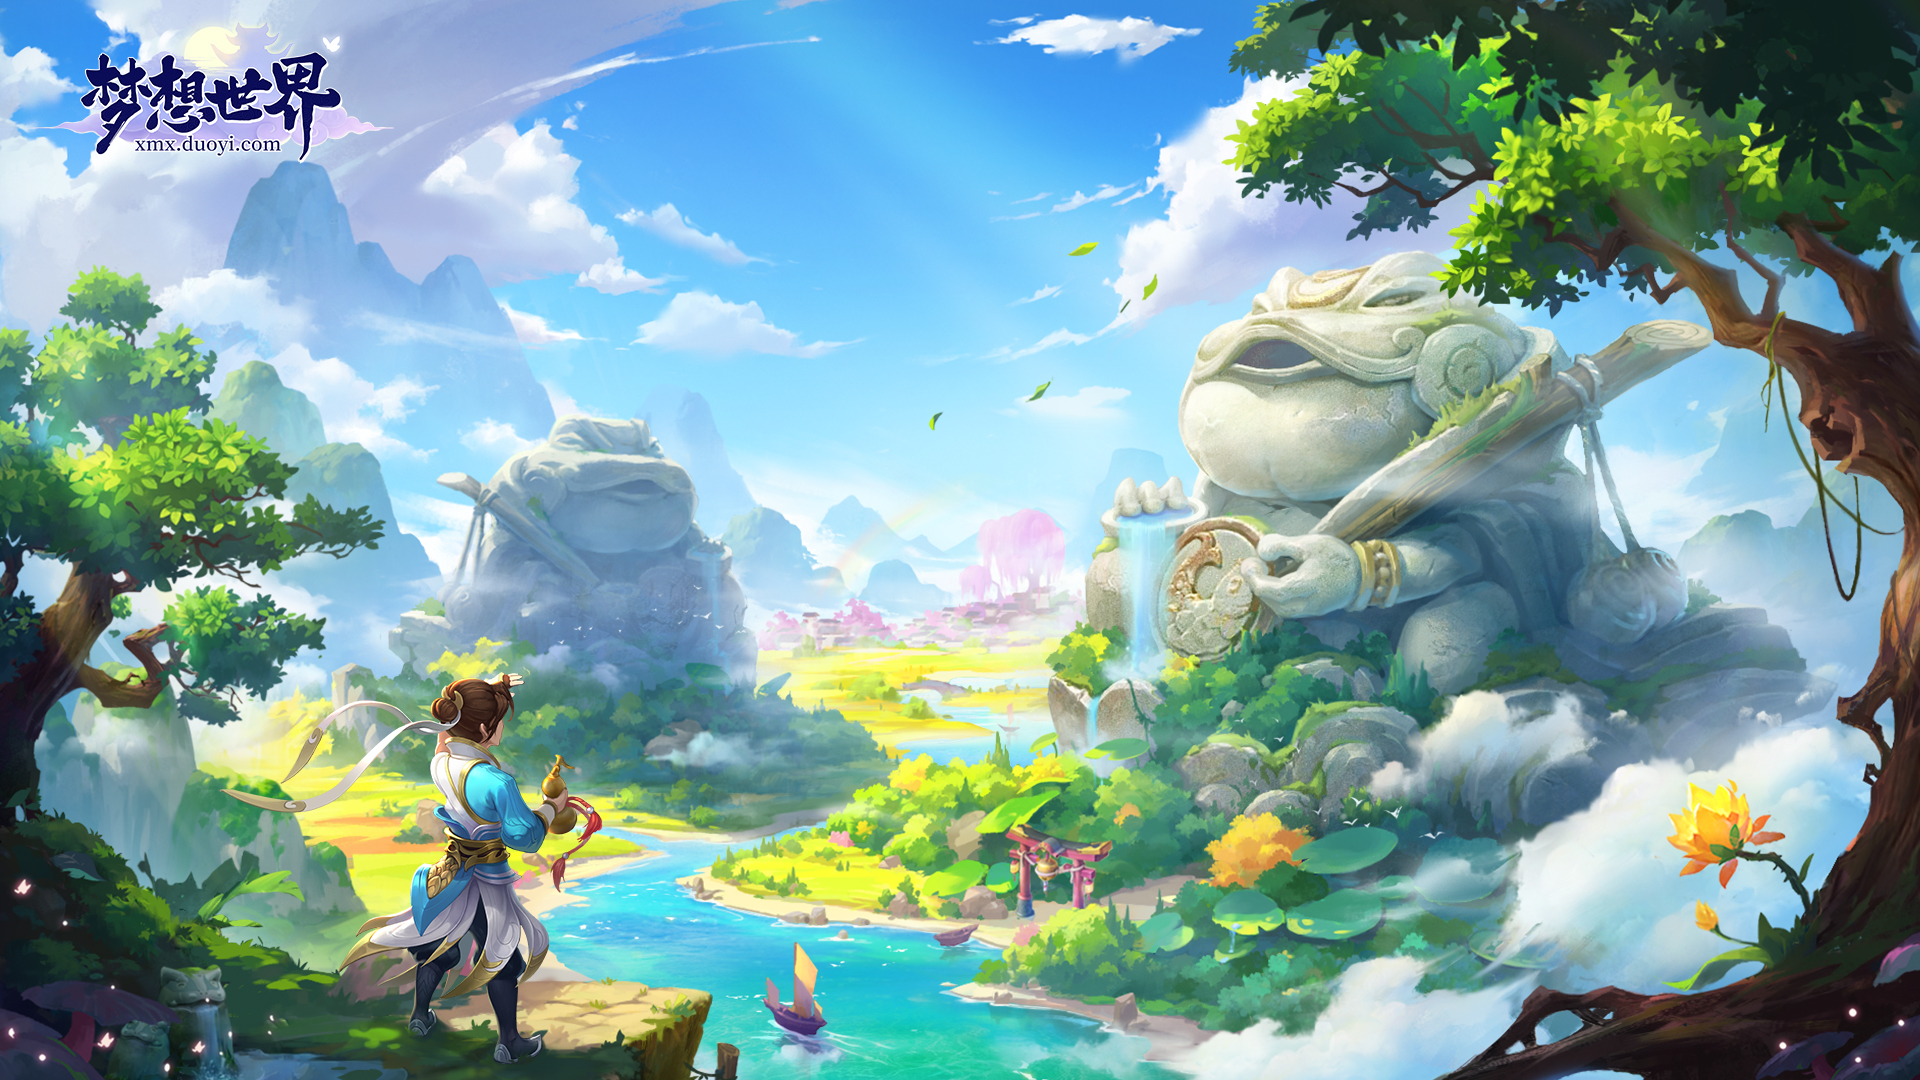 当初的那个梦想世界,让我们一起找回来!